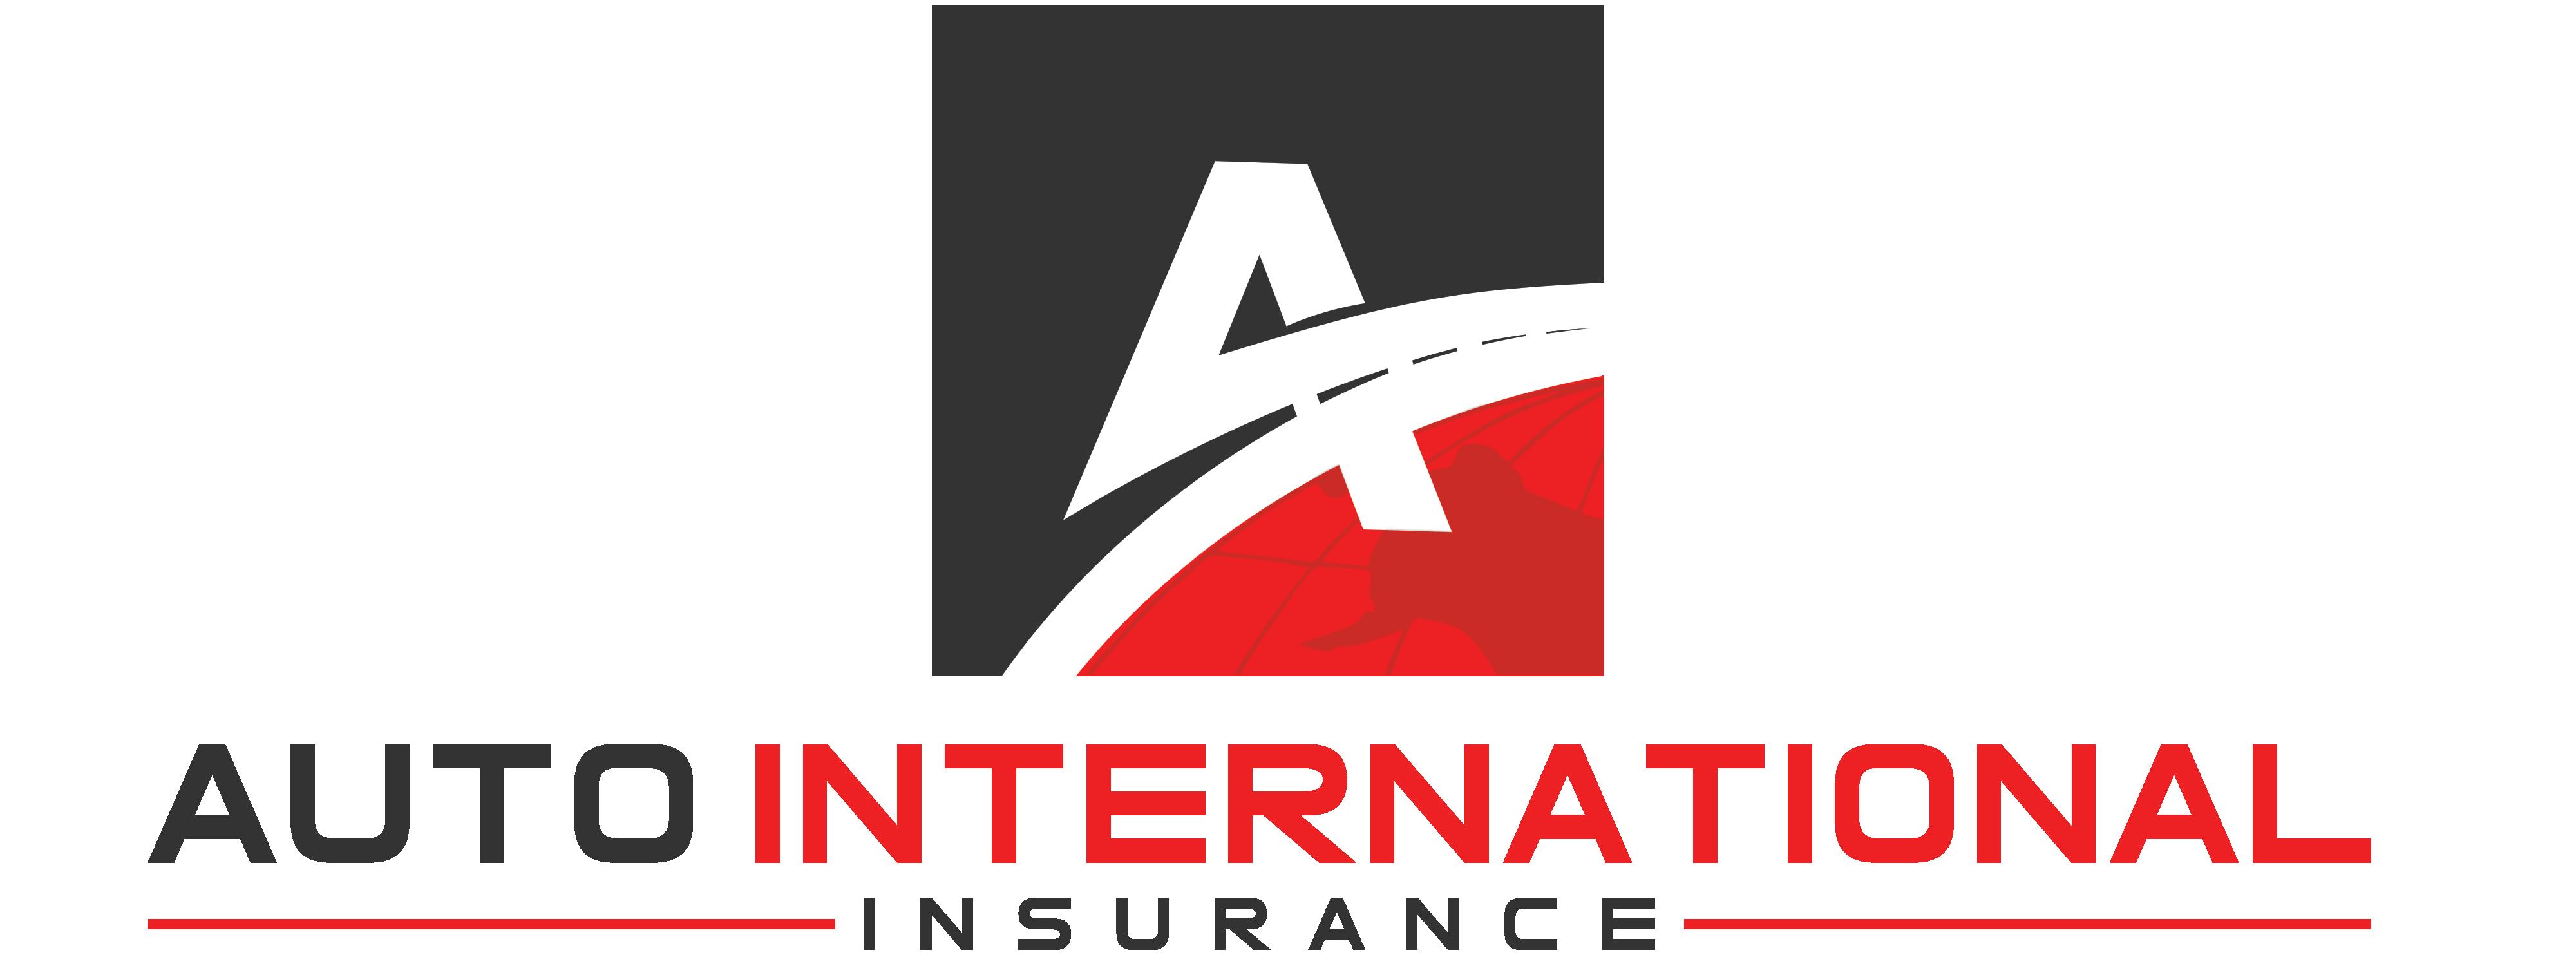 DMV & Insurance Services - Bakersfield, Wasco, Earlimart ...